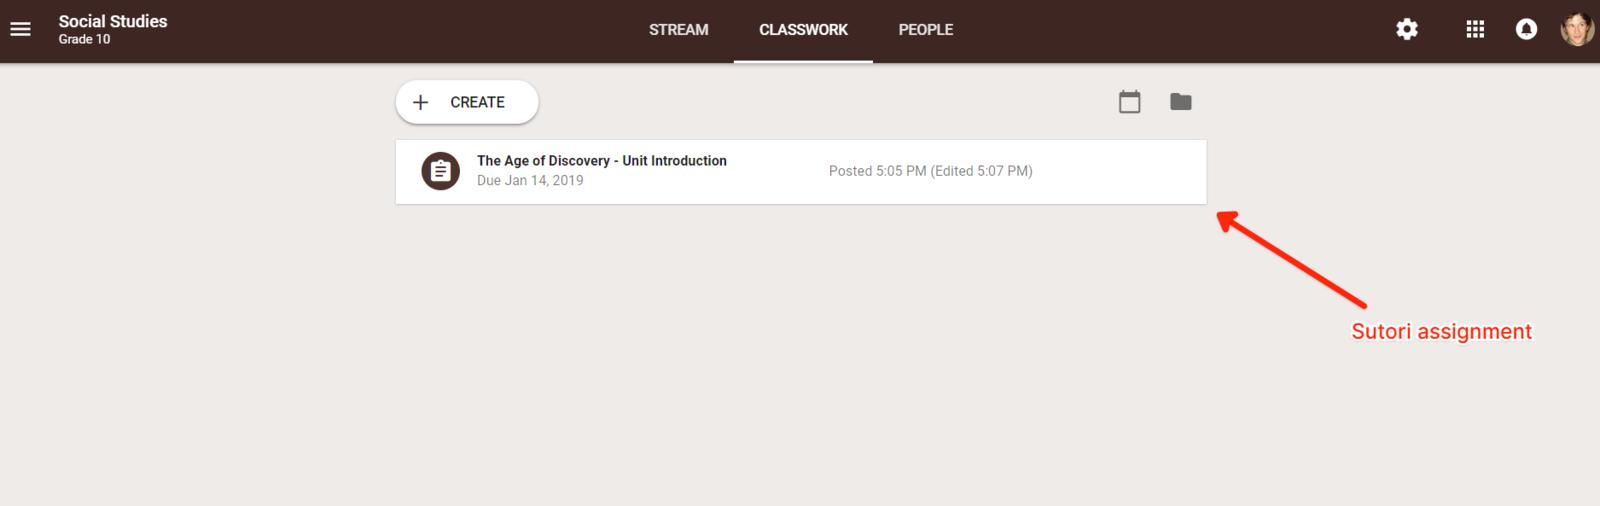 """6. La tarea aparece en la sección """"Trabajo de clase"""" en la página específica de la clase a la que los estudiantes pueden acceder."""